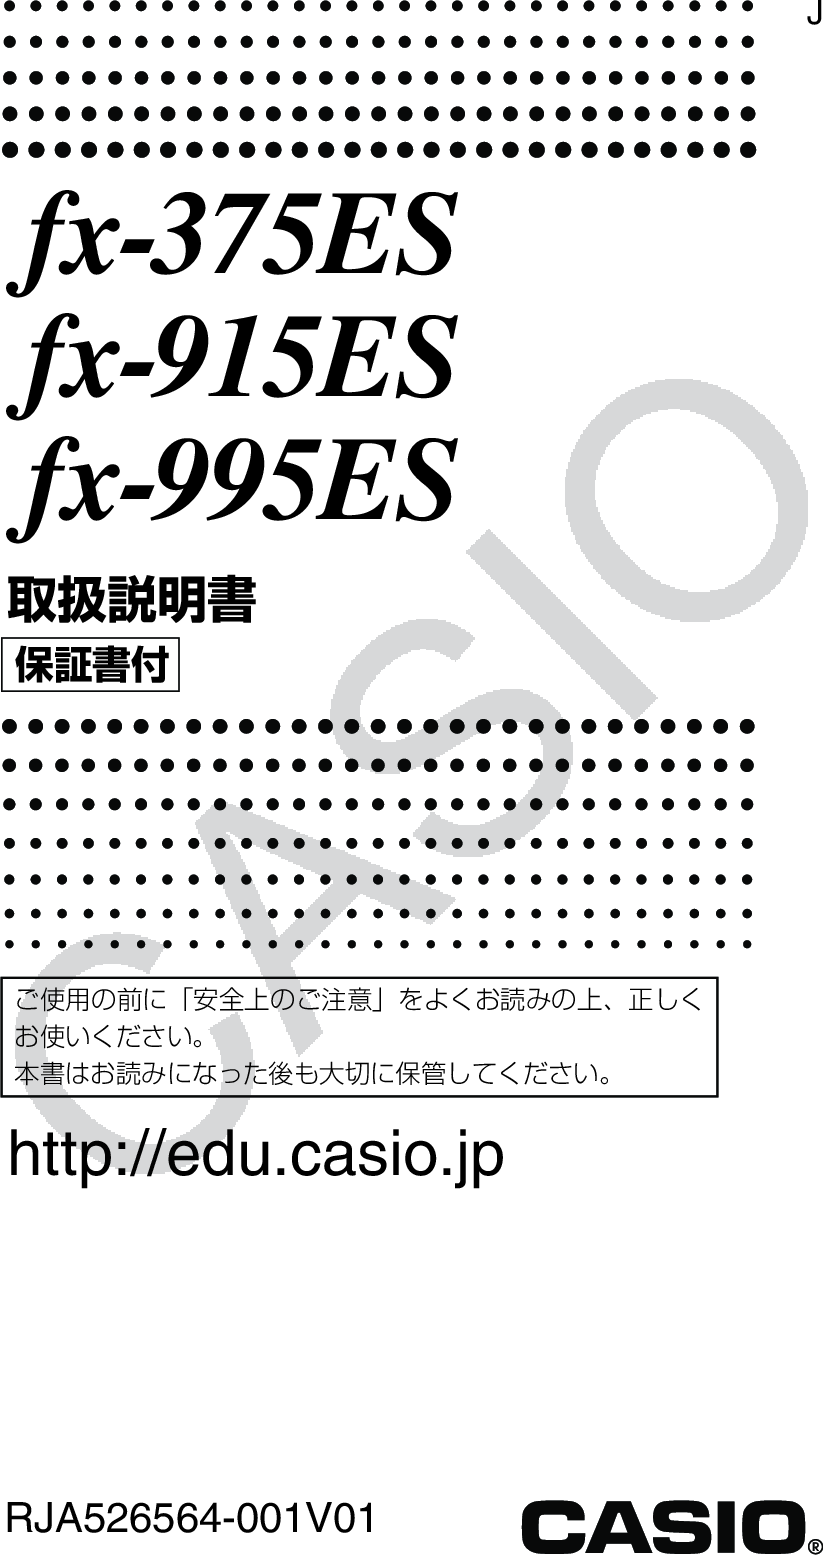 Casio Fx 375ES_fx 915ES_fx 995ES_Eng 375ES/915ES/995ES